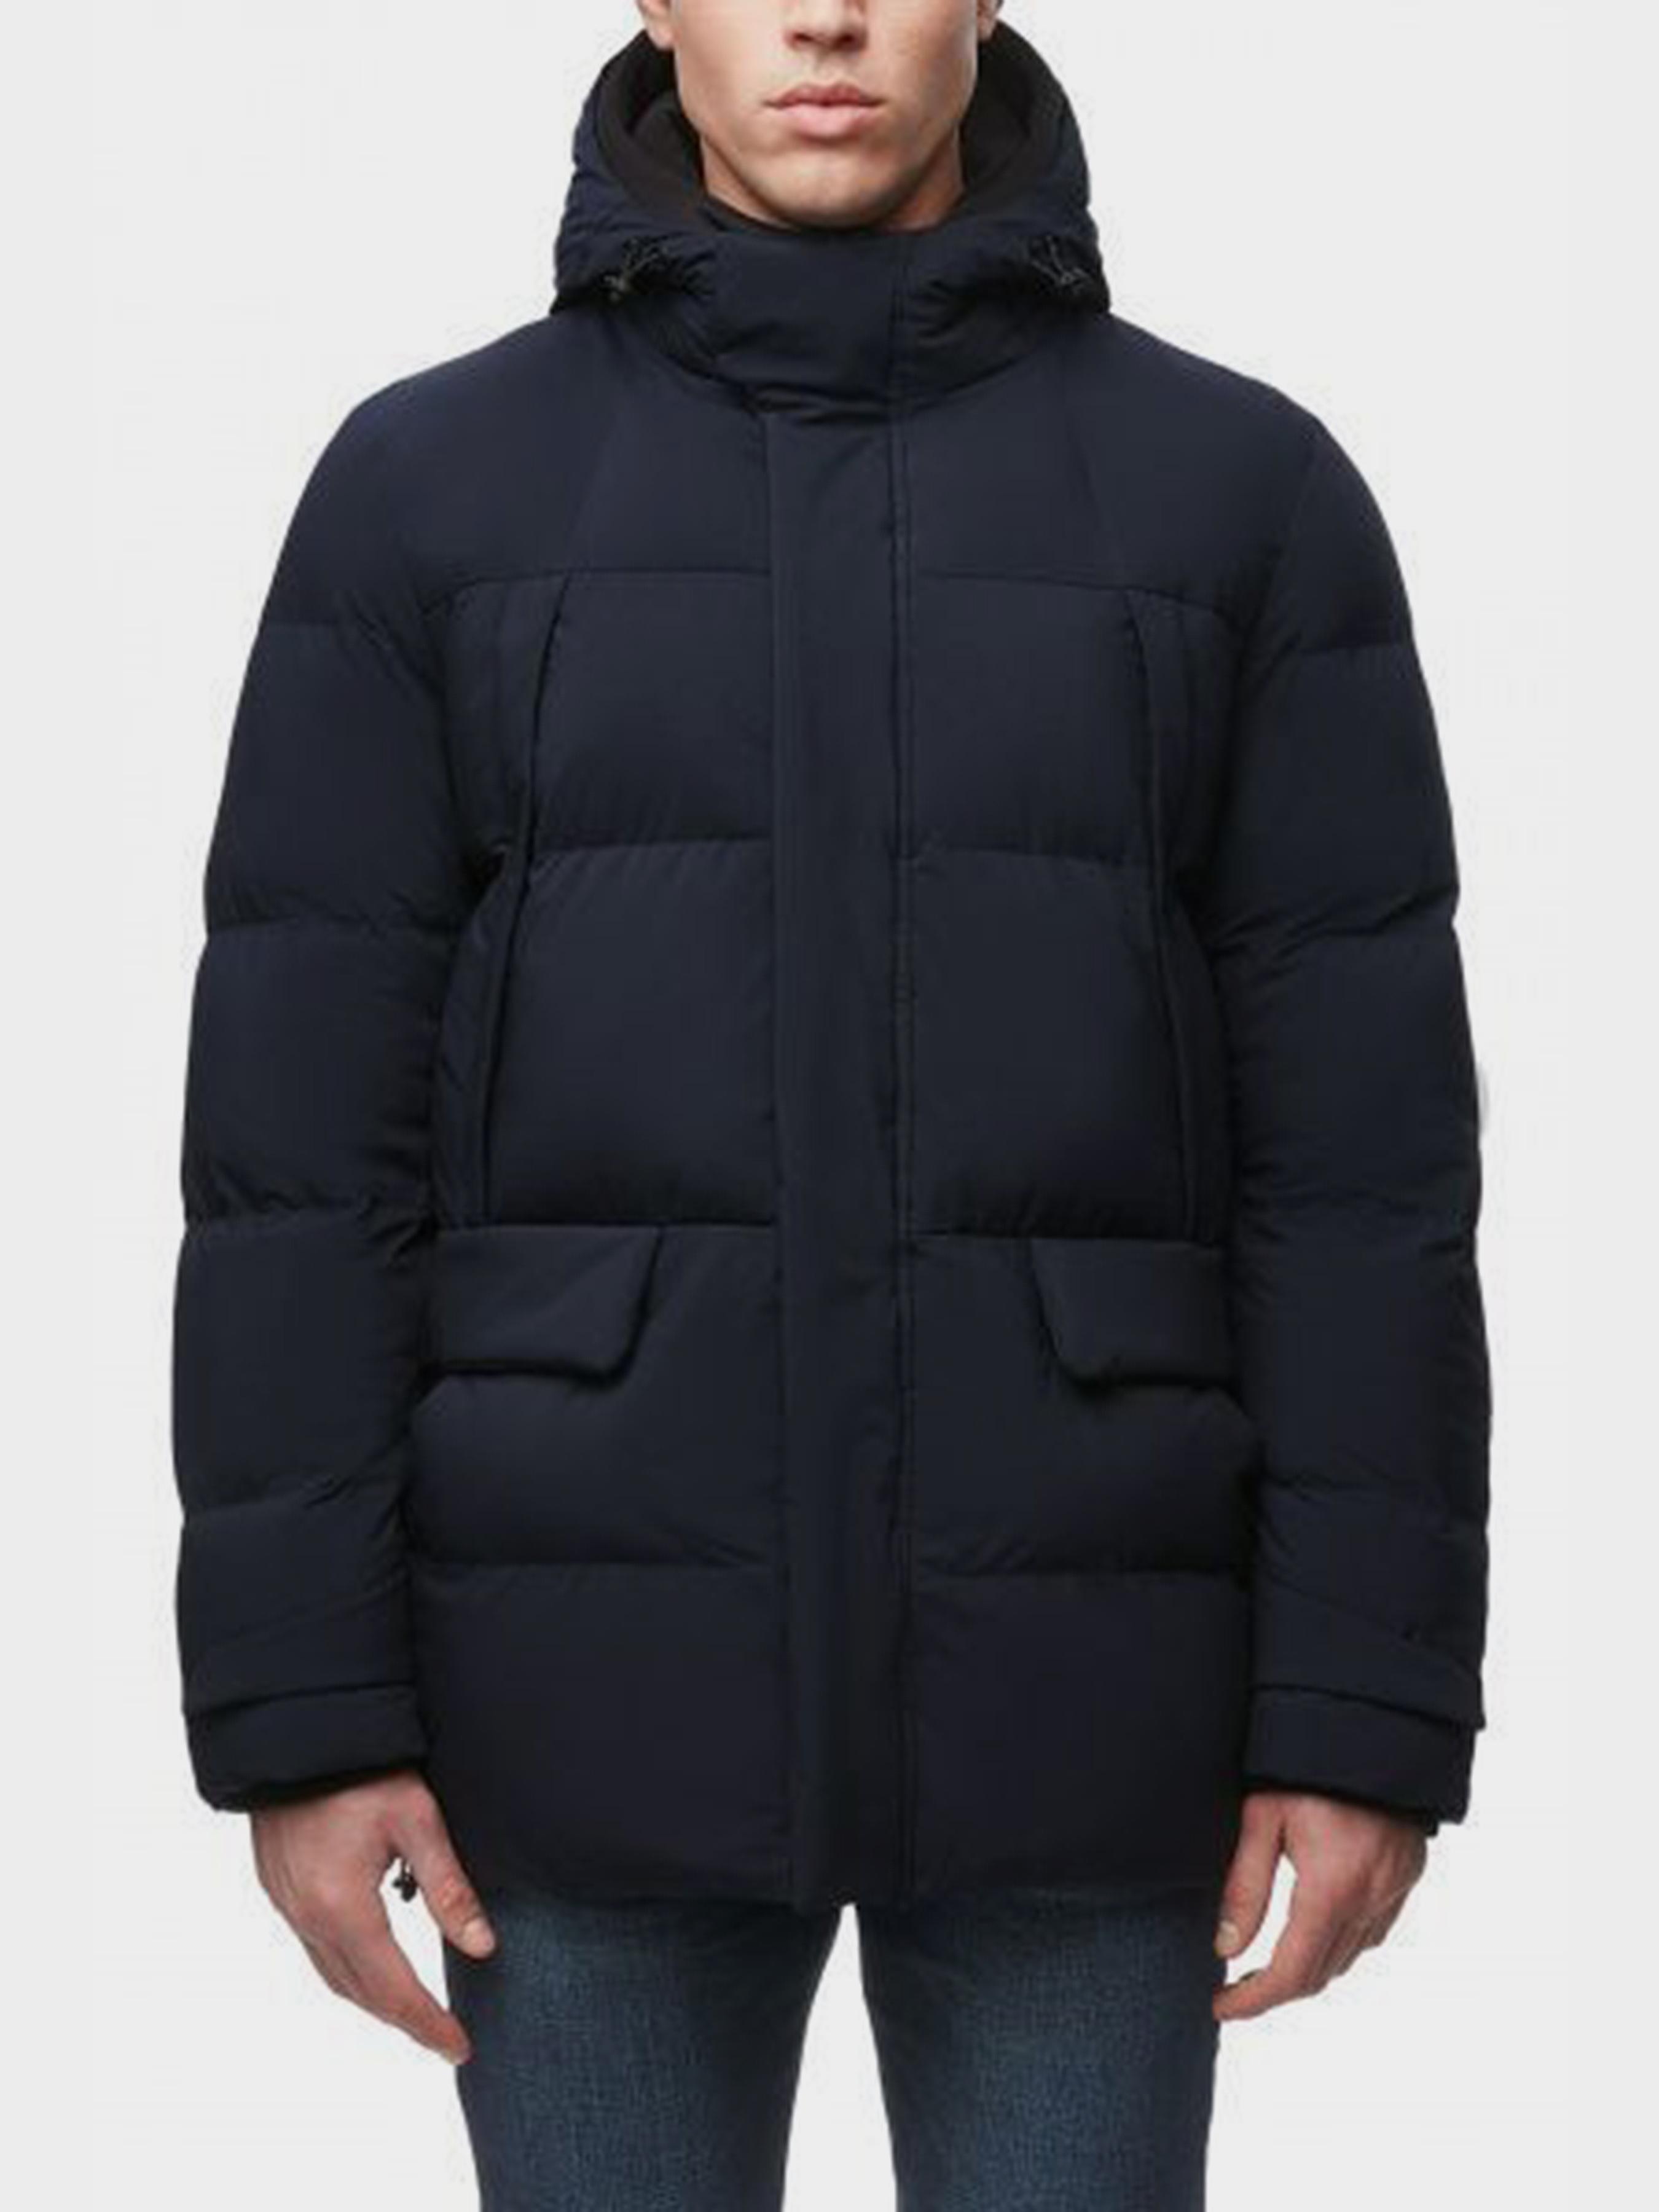 Куртка мужские Geox модель XA5996 отзывы, 2017